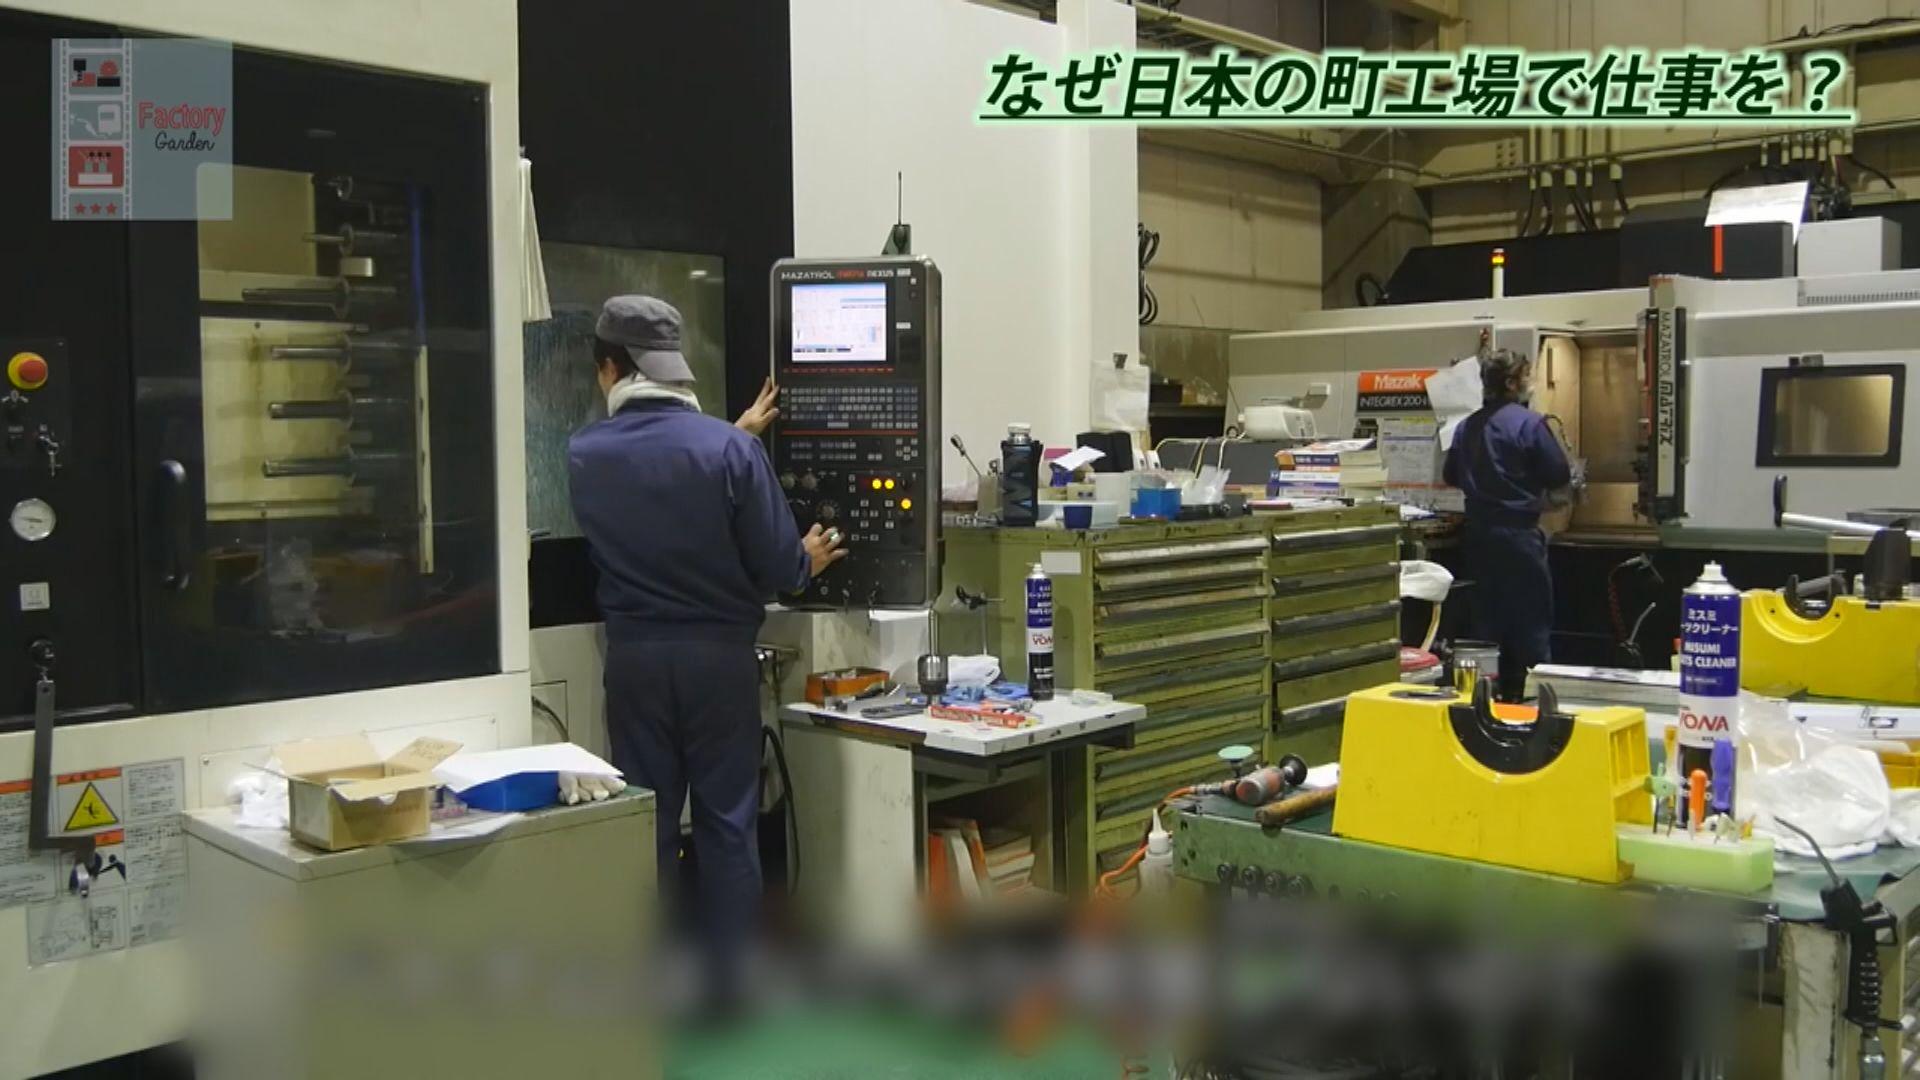 日本社會普遍抗拒外勞移民